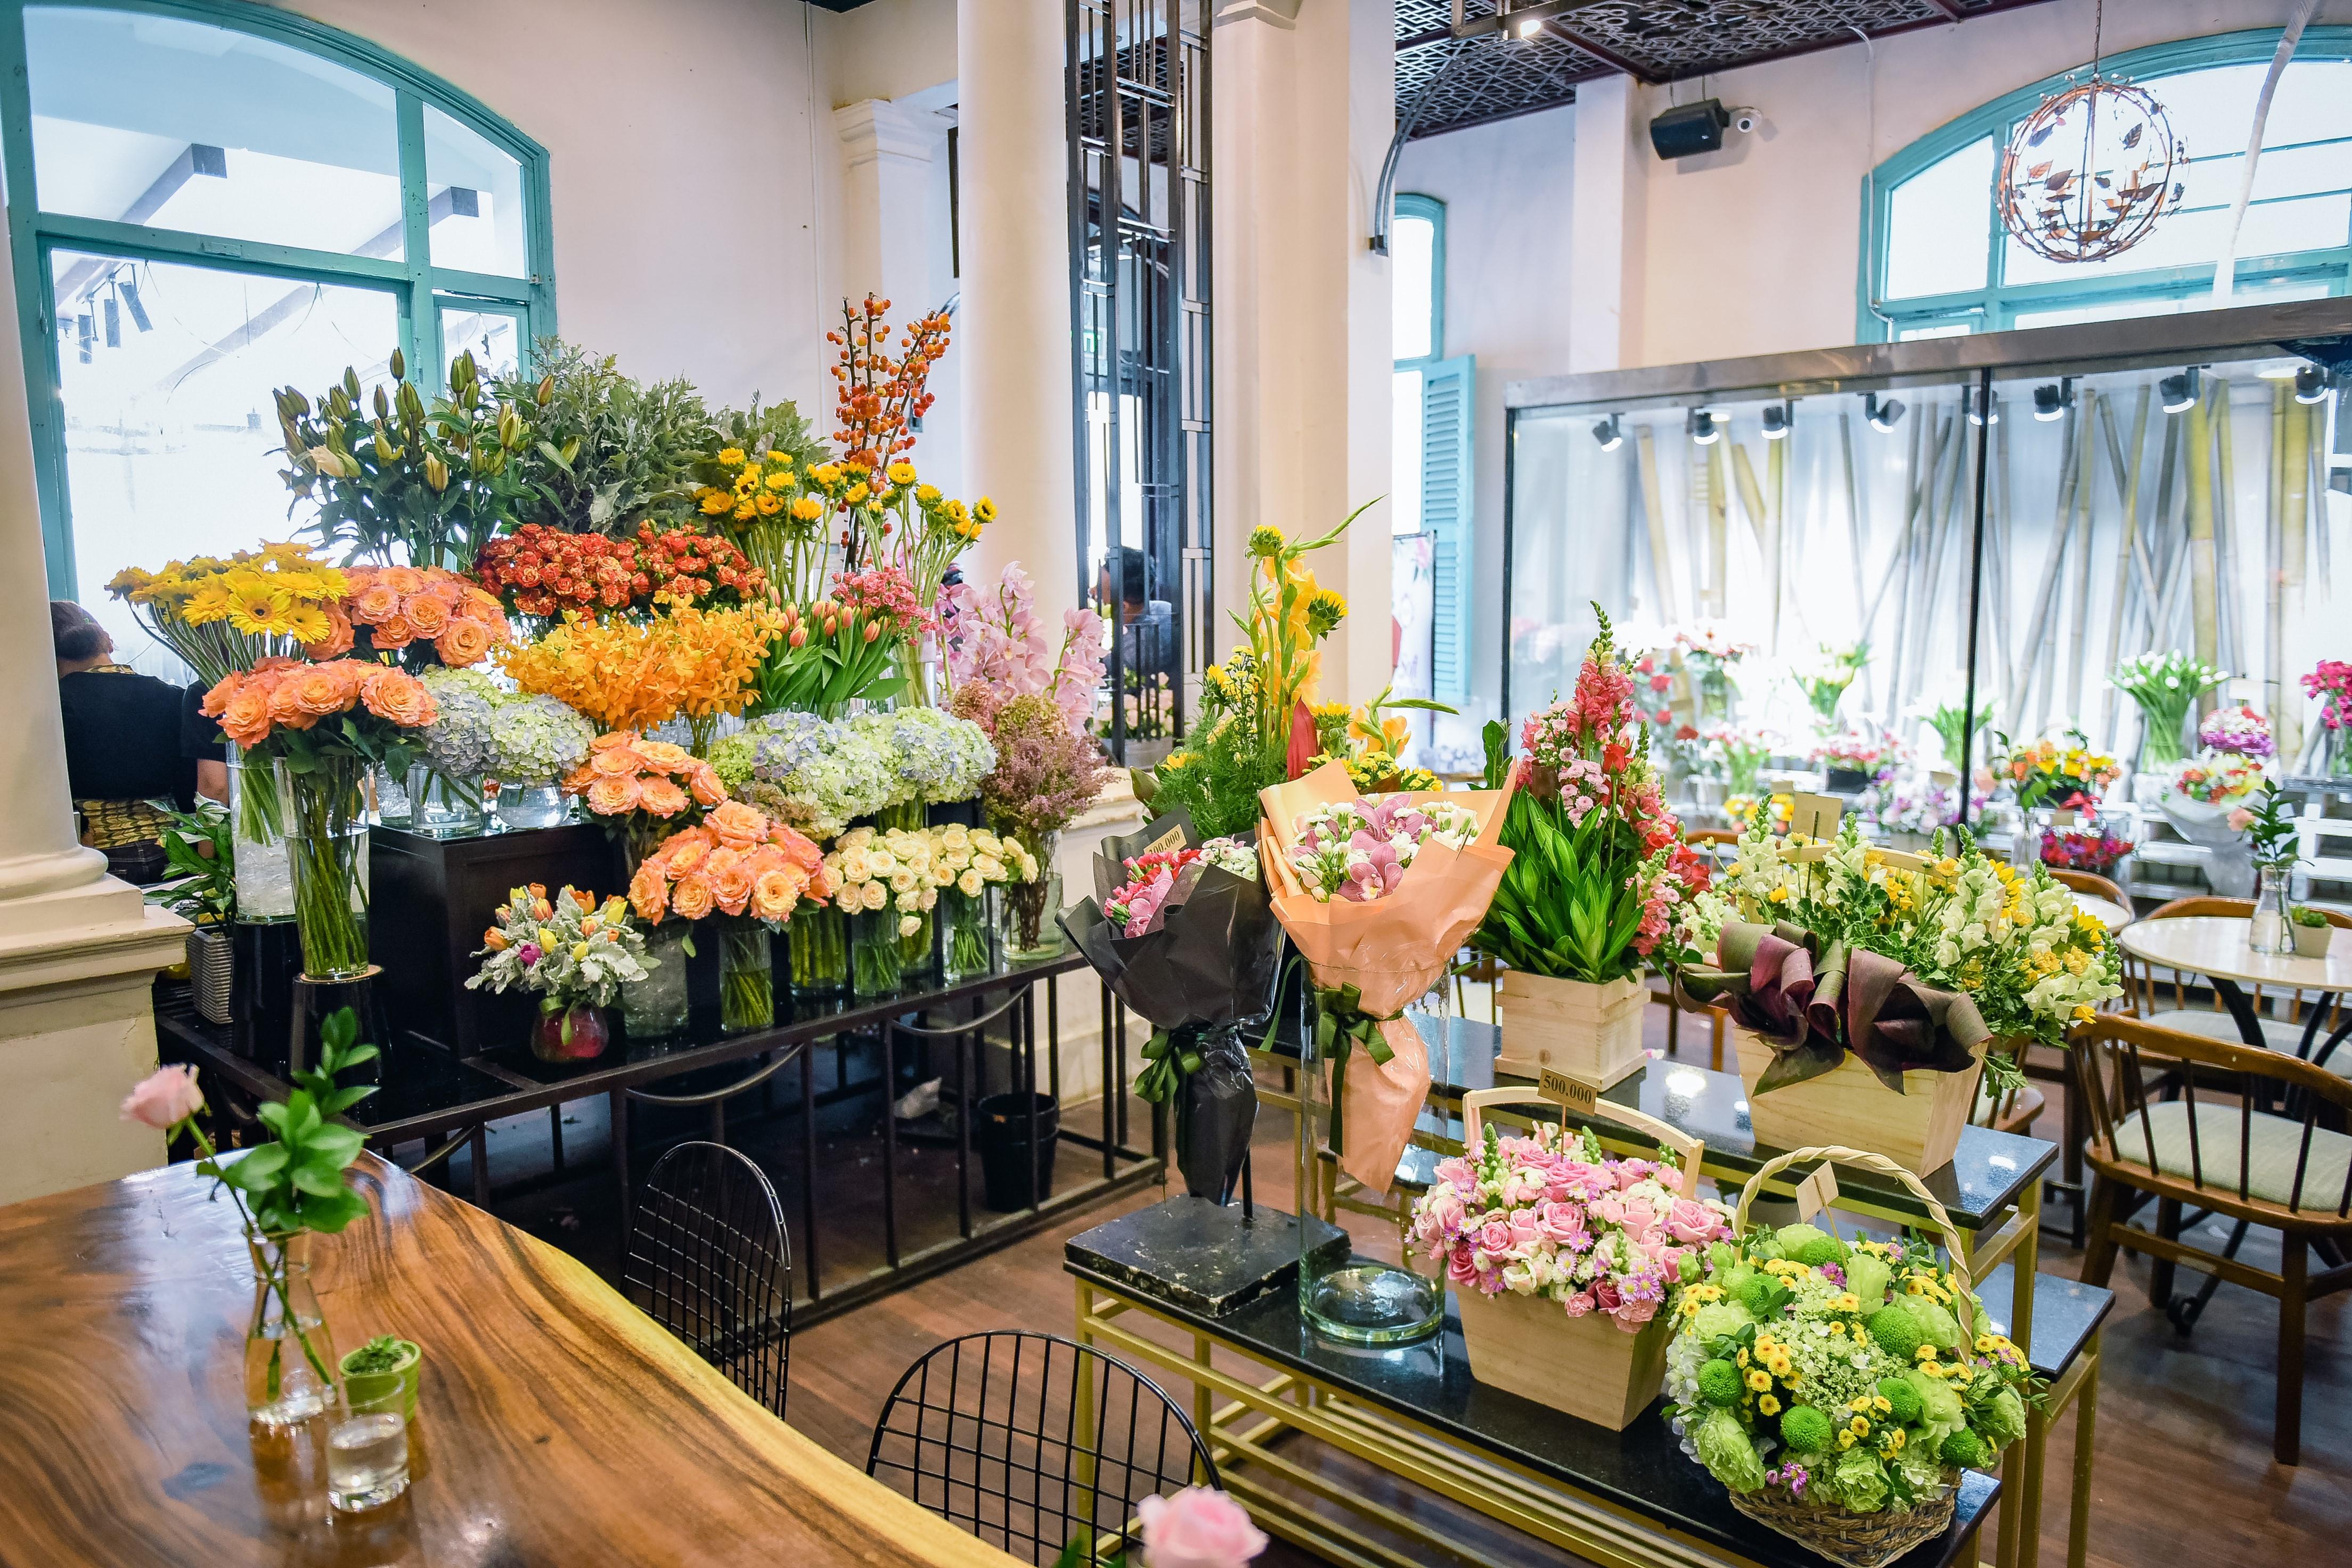 Dịp 20/10, Shark Khoa mở thương hiệu hoa mới bán 24/7 cho phái đẹp- Ảnh 2.